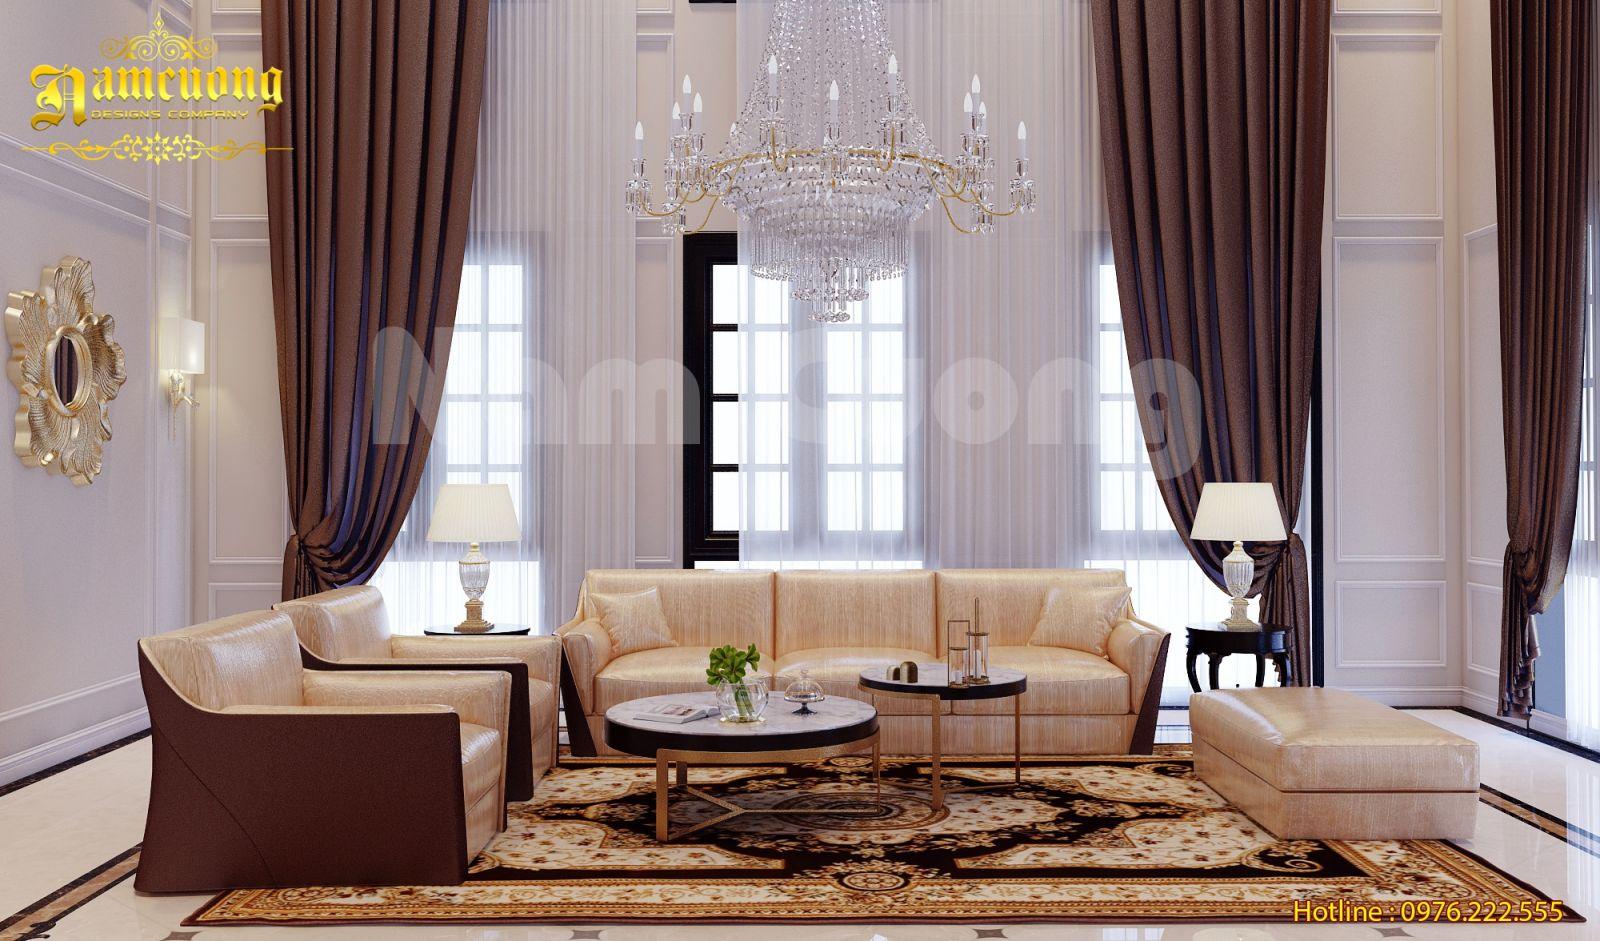 Ấn tượng với phong cách thiết kế nội thất tân cổ điển tại Quảng Bình